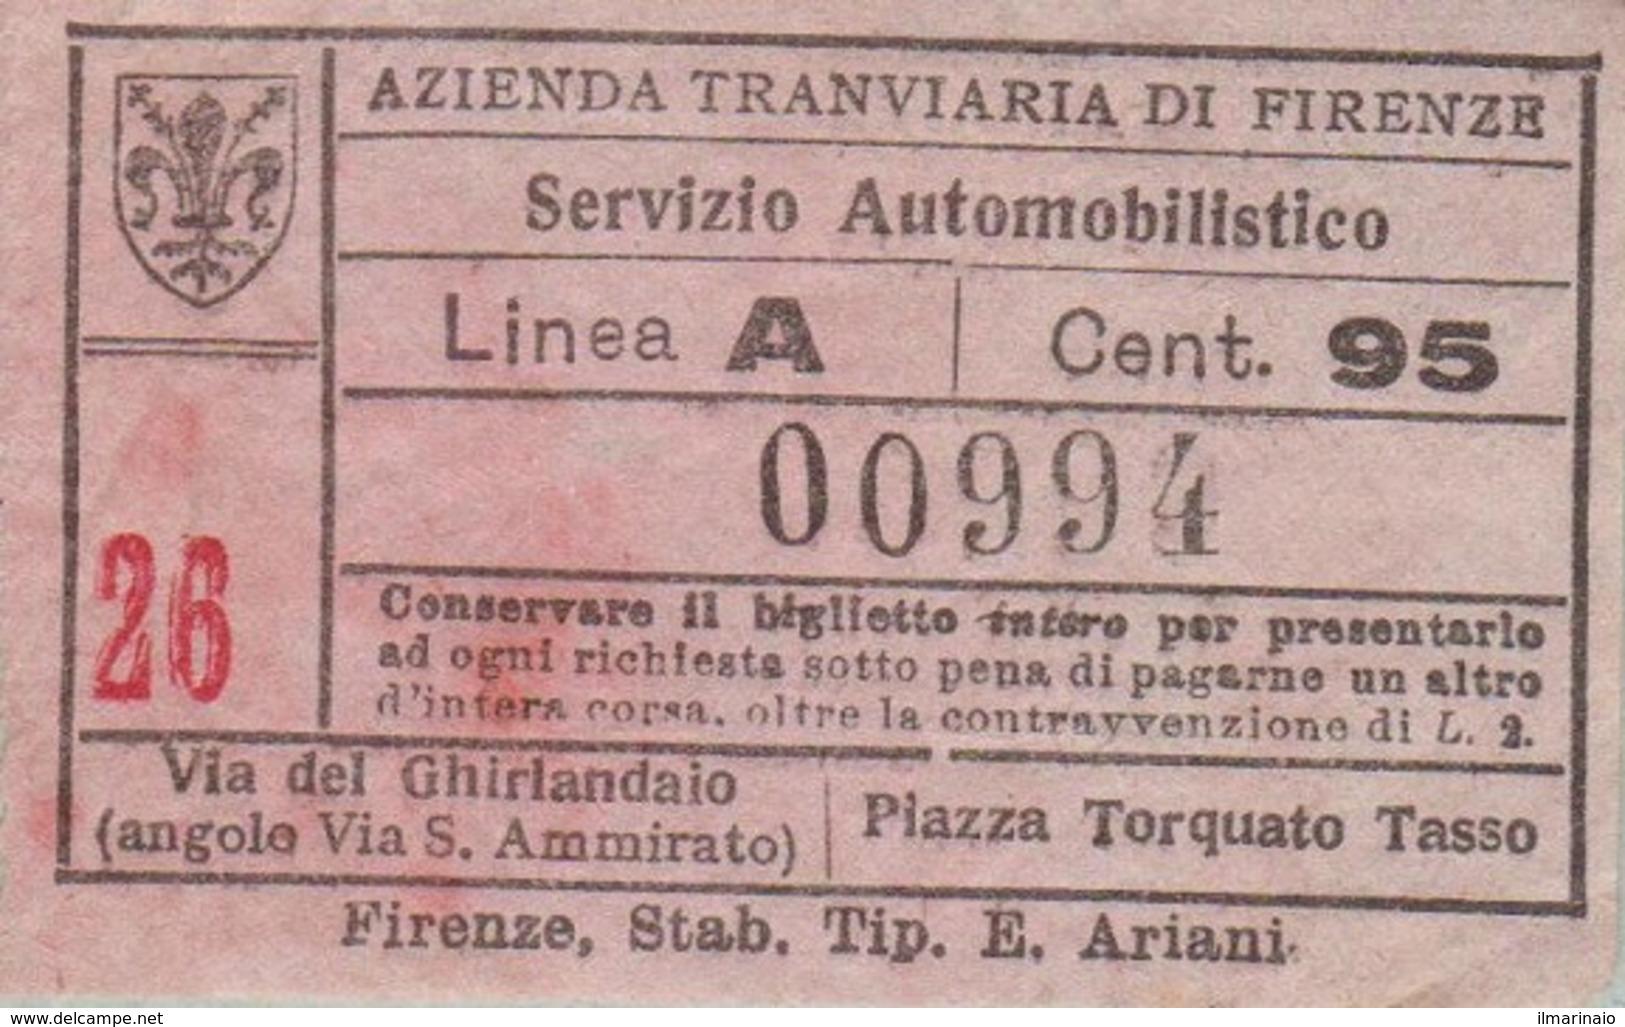 ** AZIENDA TRANVIARIA DI FIRENZE.-** - Tram